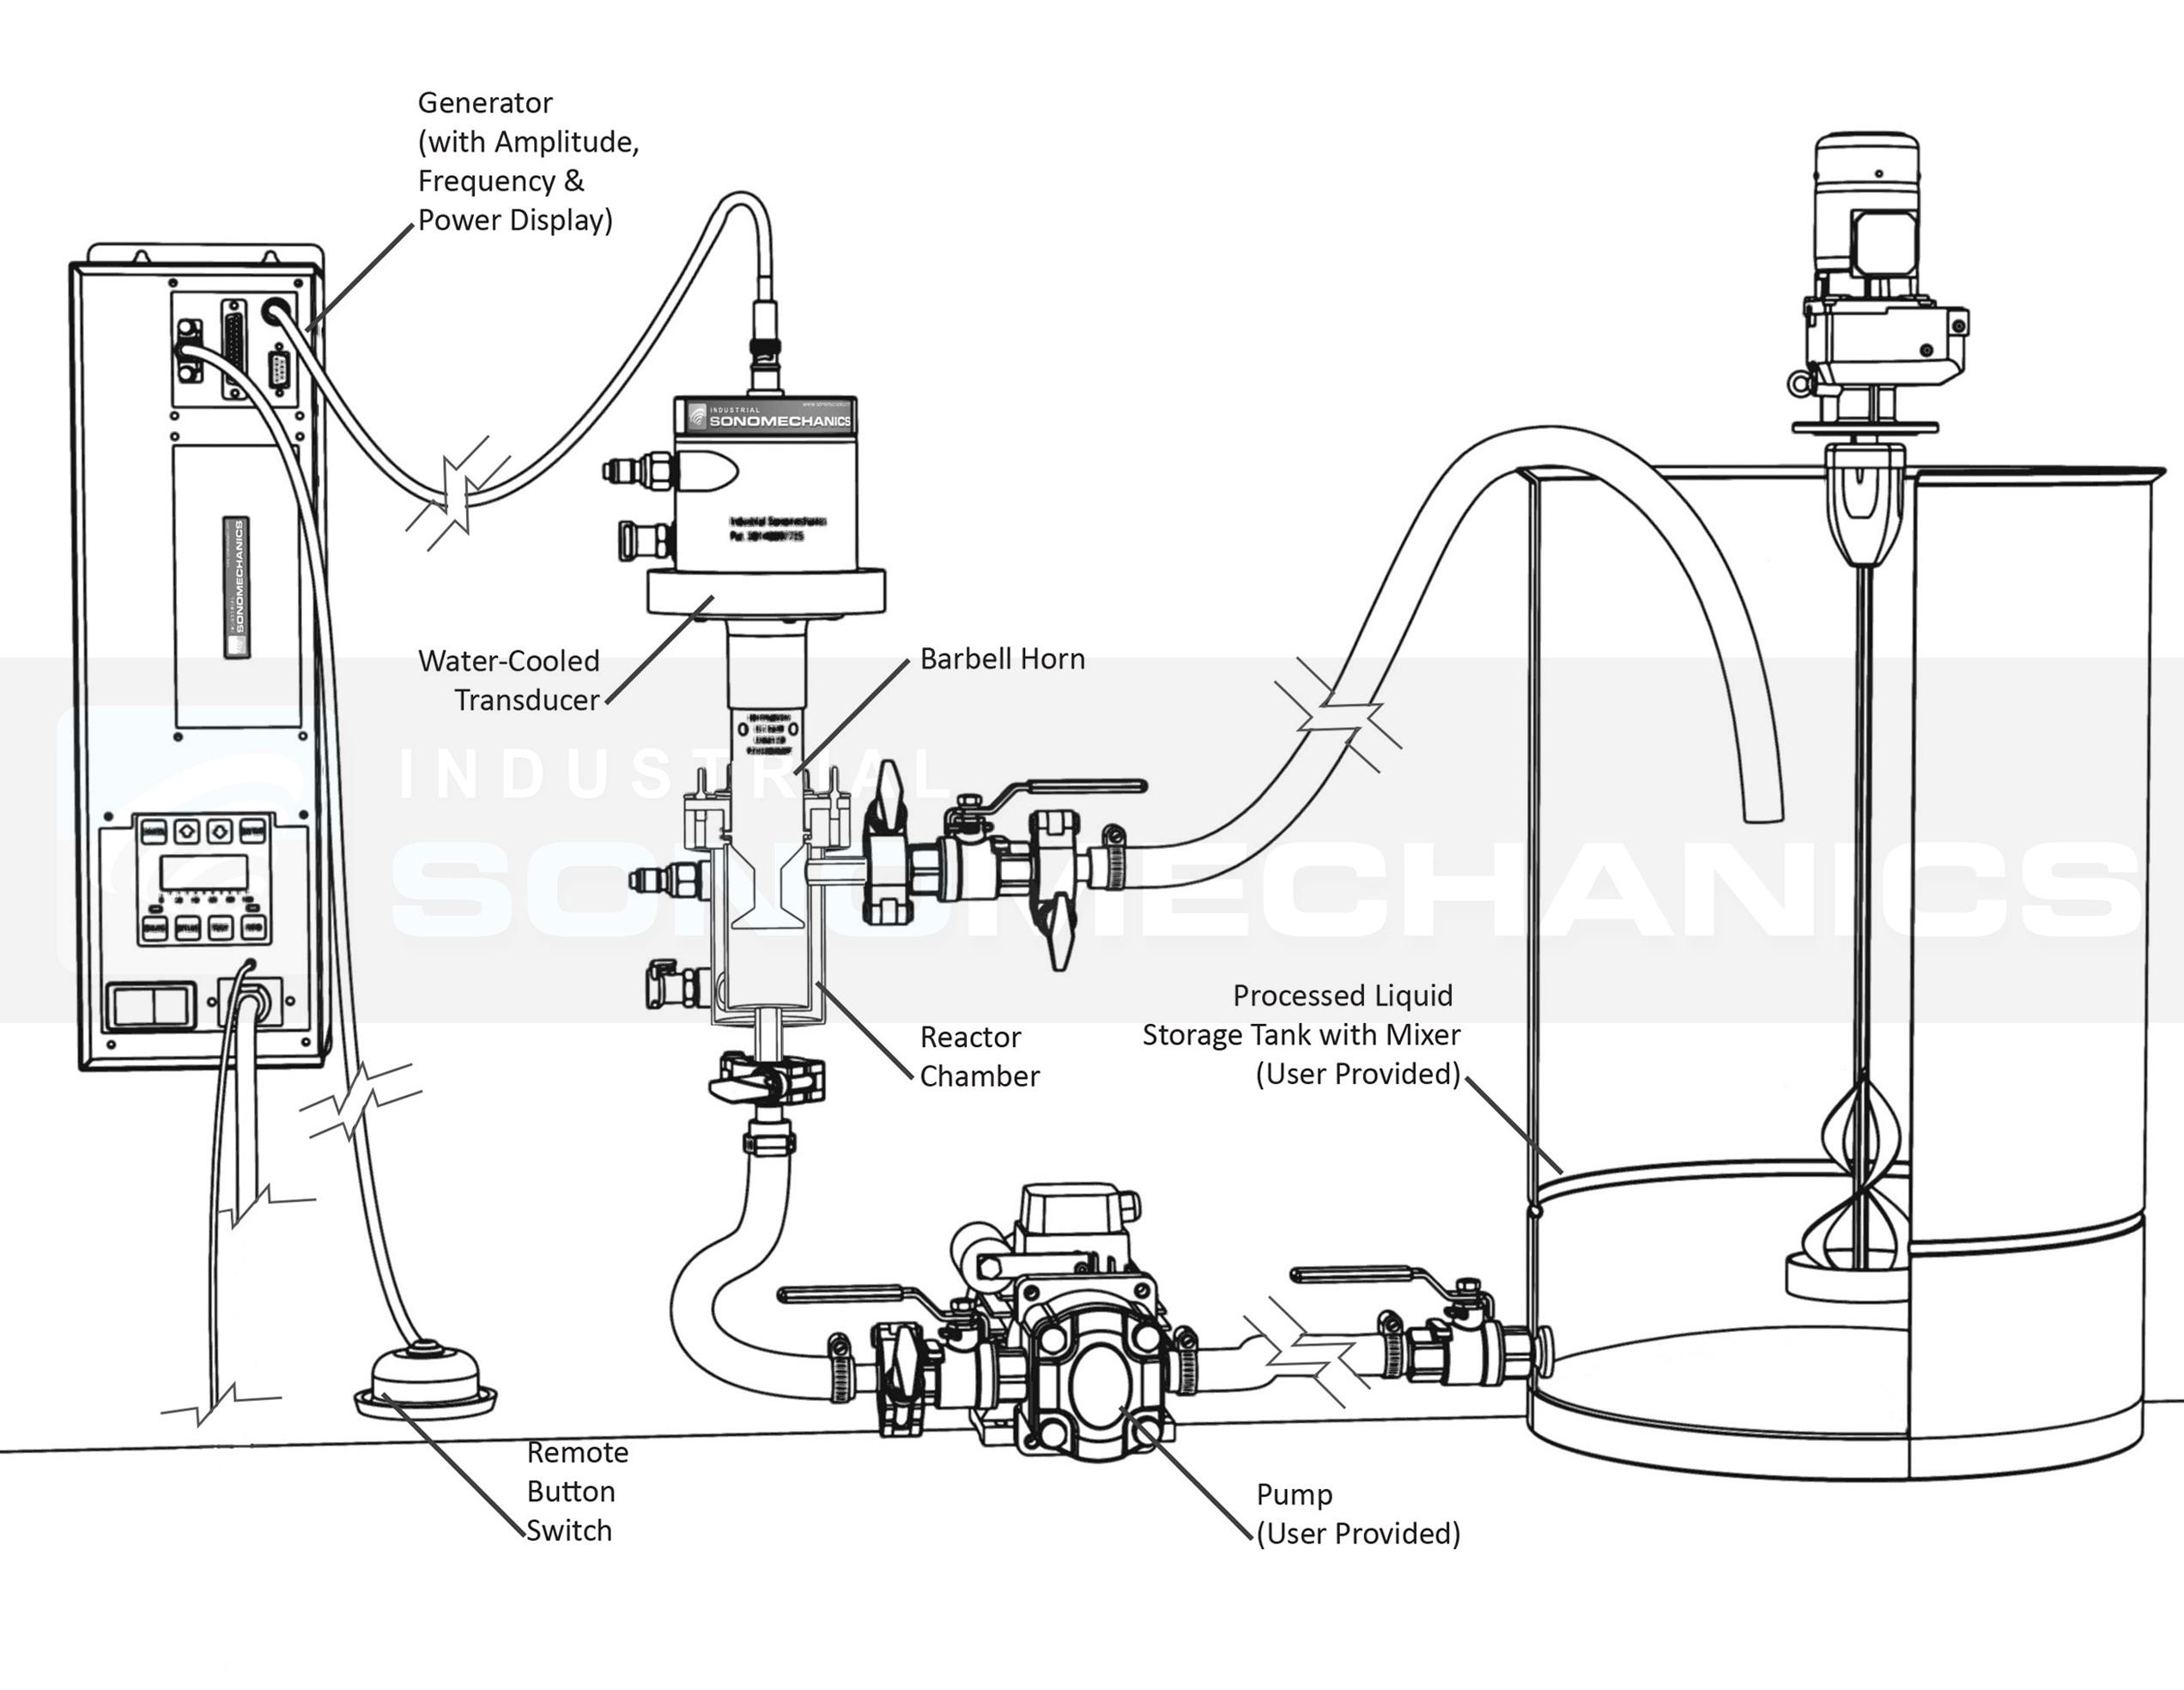 Recirculating mode schematic bsp-1200.jpg